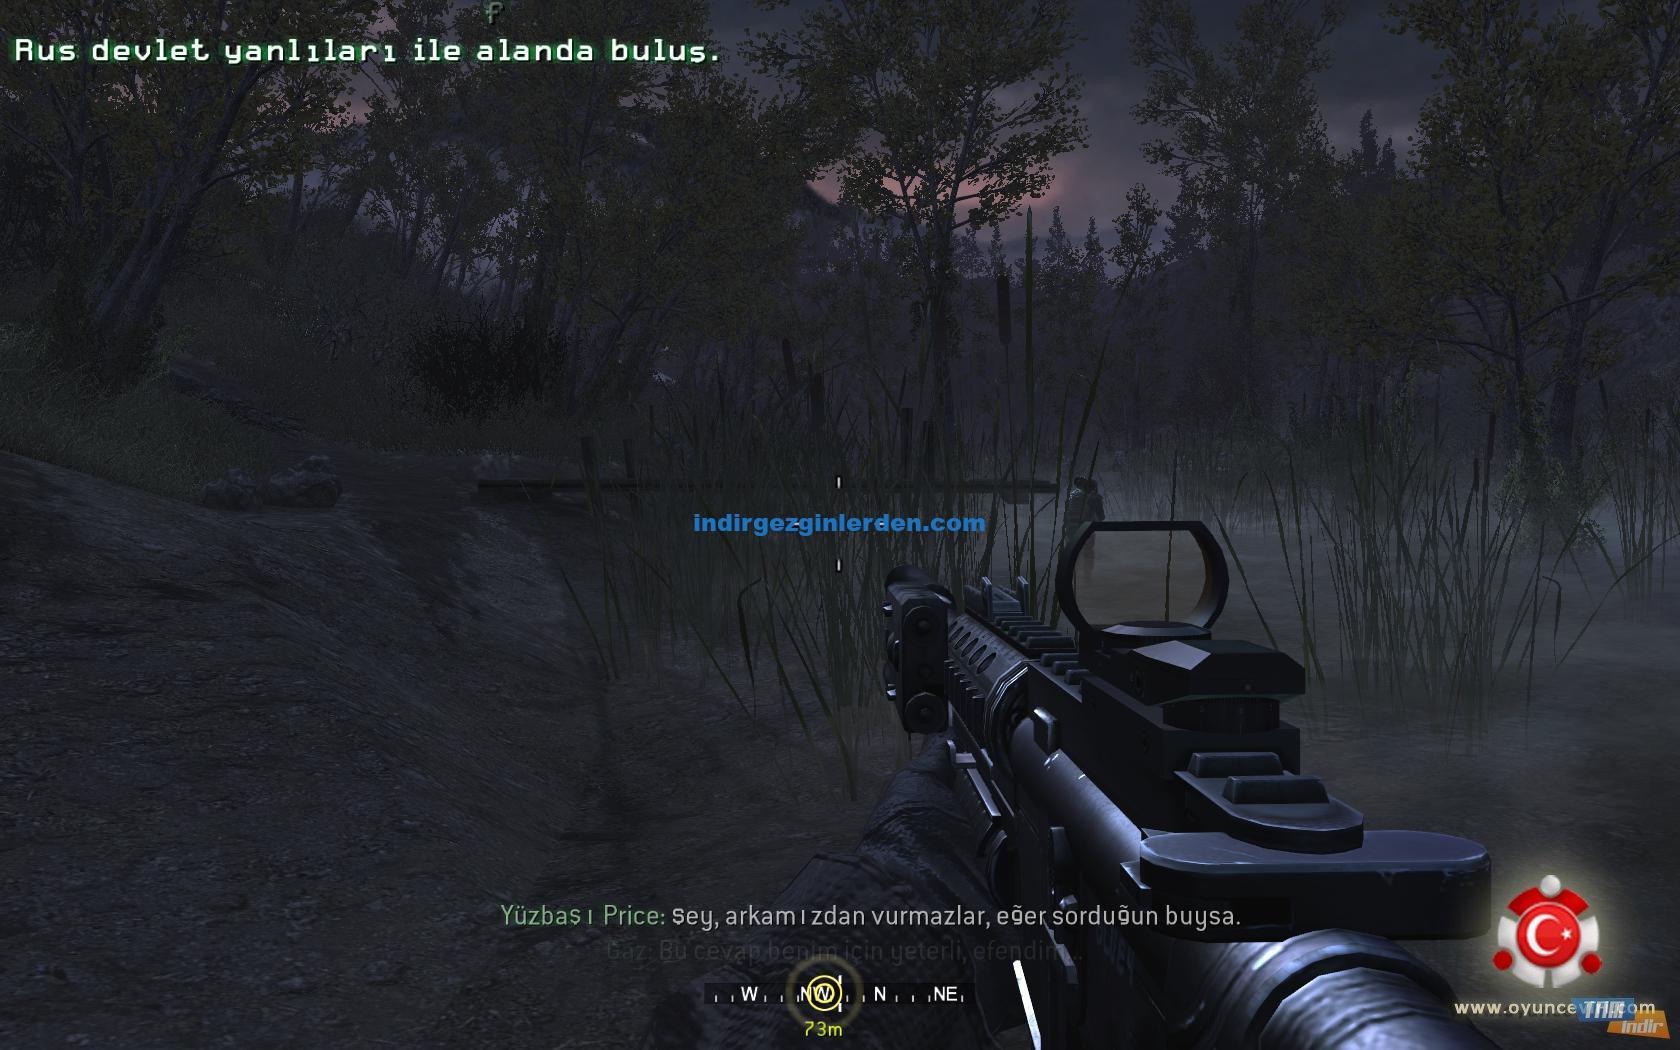 Call of Duty 4: Modern Warfare Türkçe Yama ile ilgili görsel sonucu